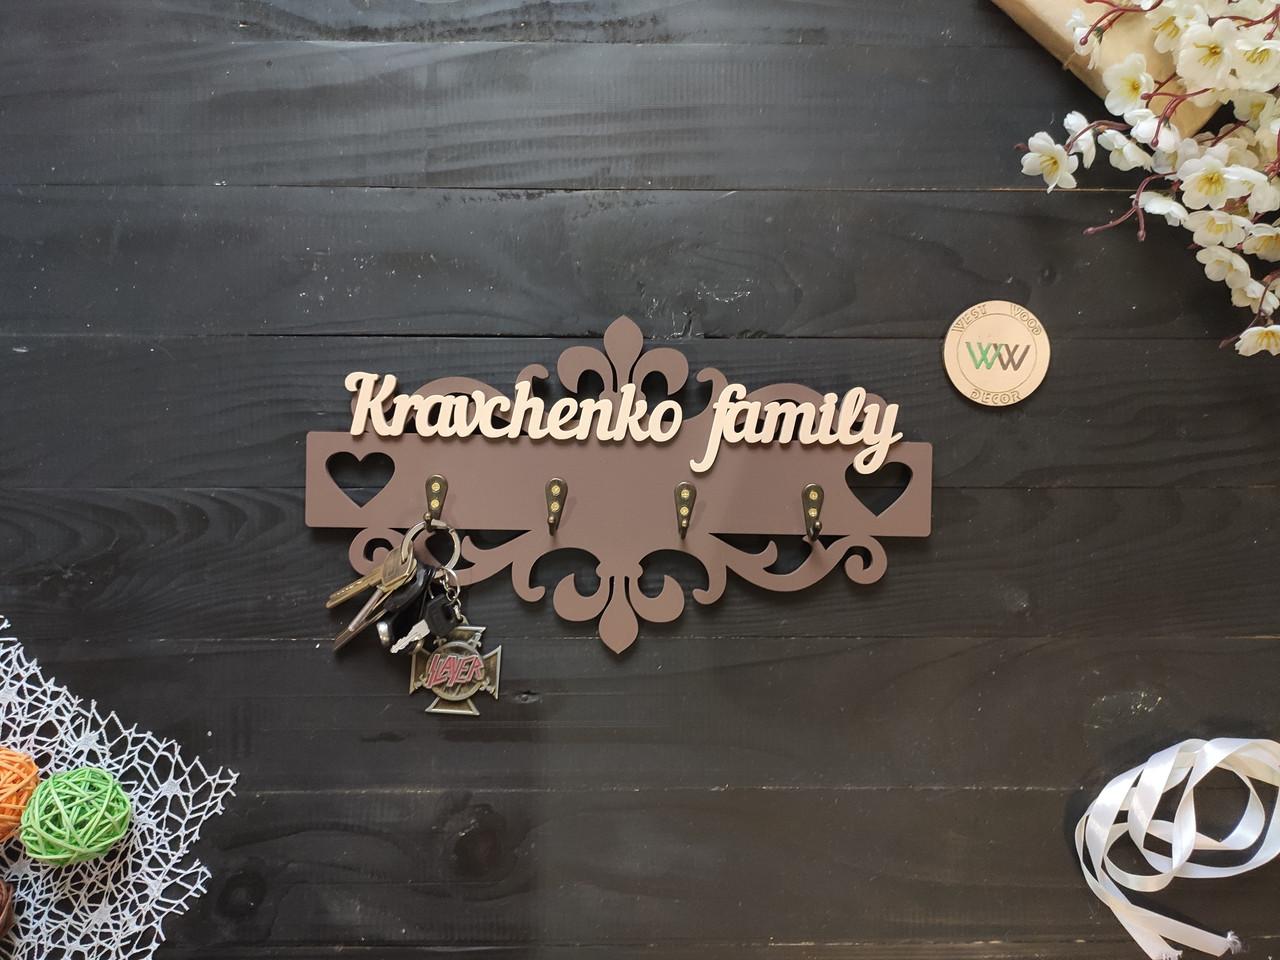 Настенная фамильная ключница из дерева. Ключница именная с узорами и вензелями. Вешалка для ключей